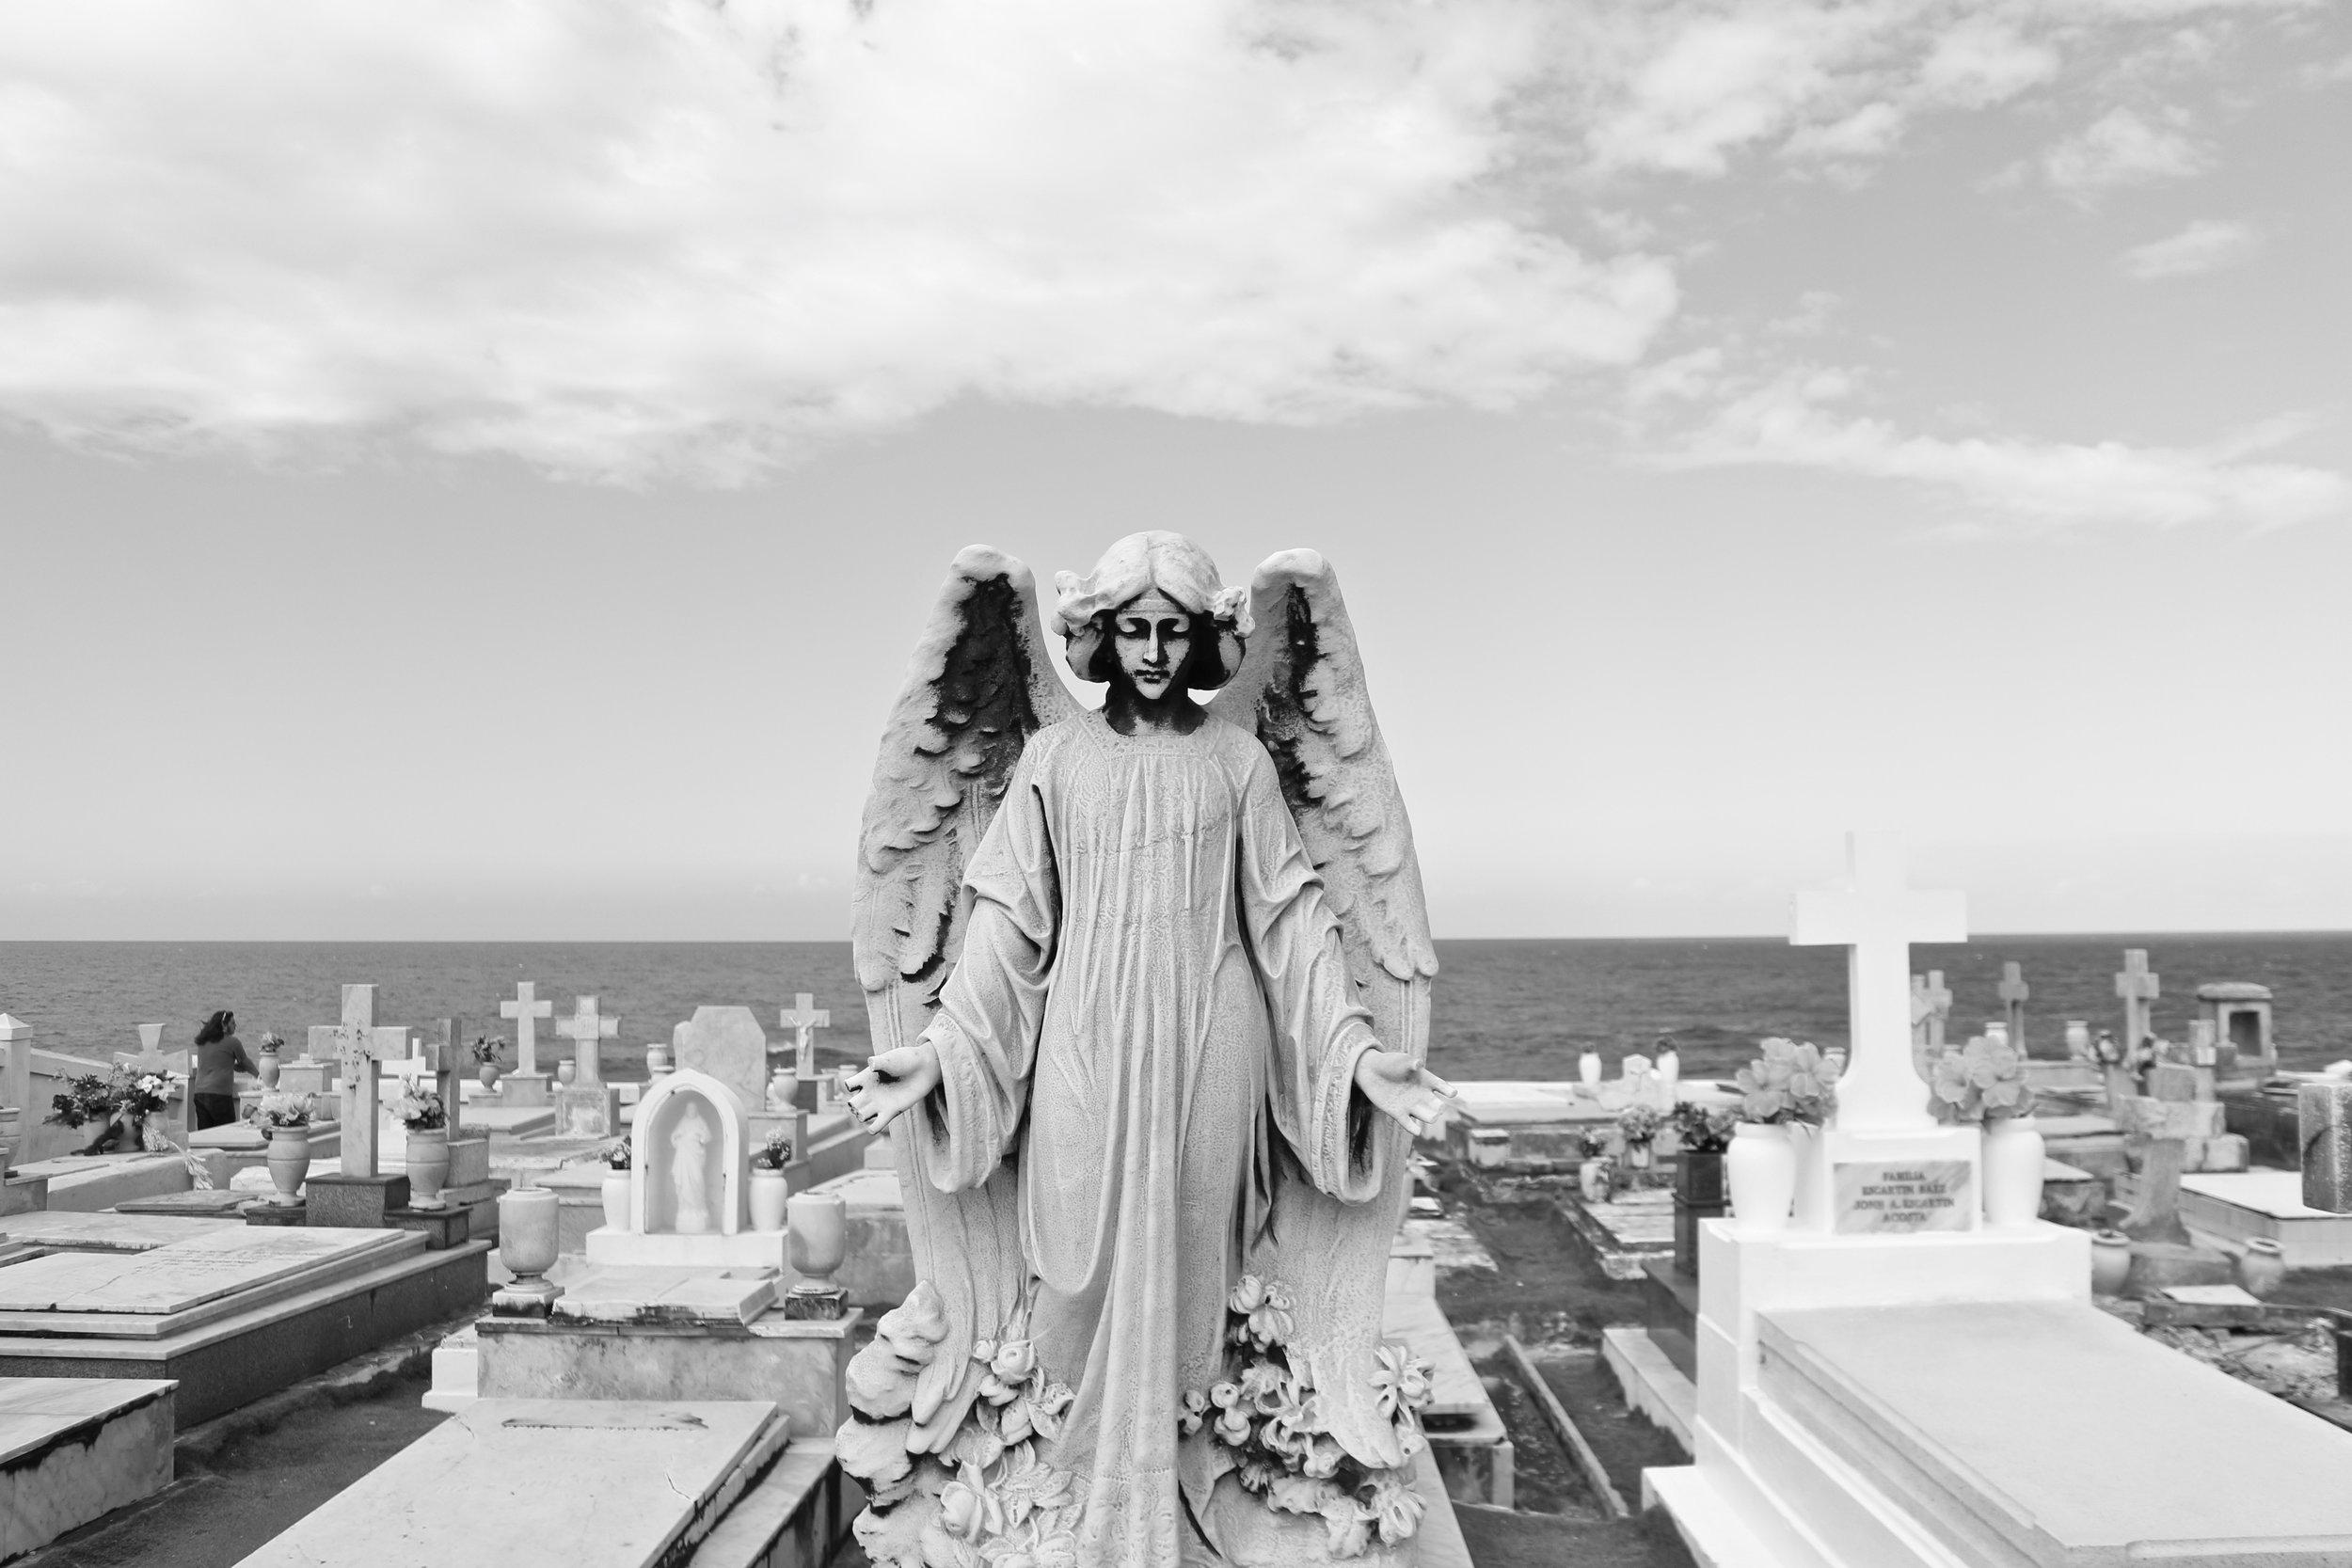 Cementerio Santa Maria Magdalena de Pazzis. San Juan, Puerto Rico.